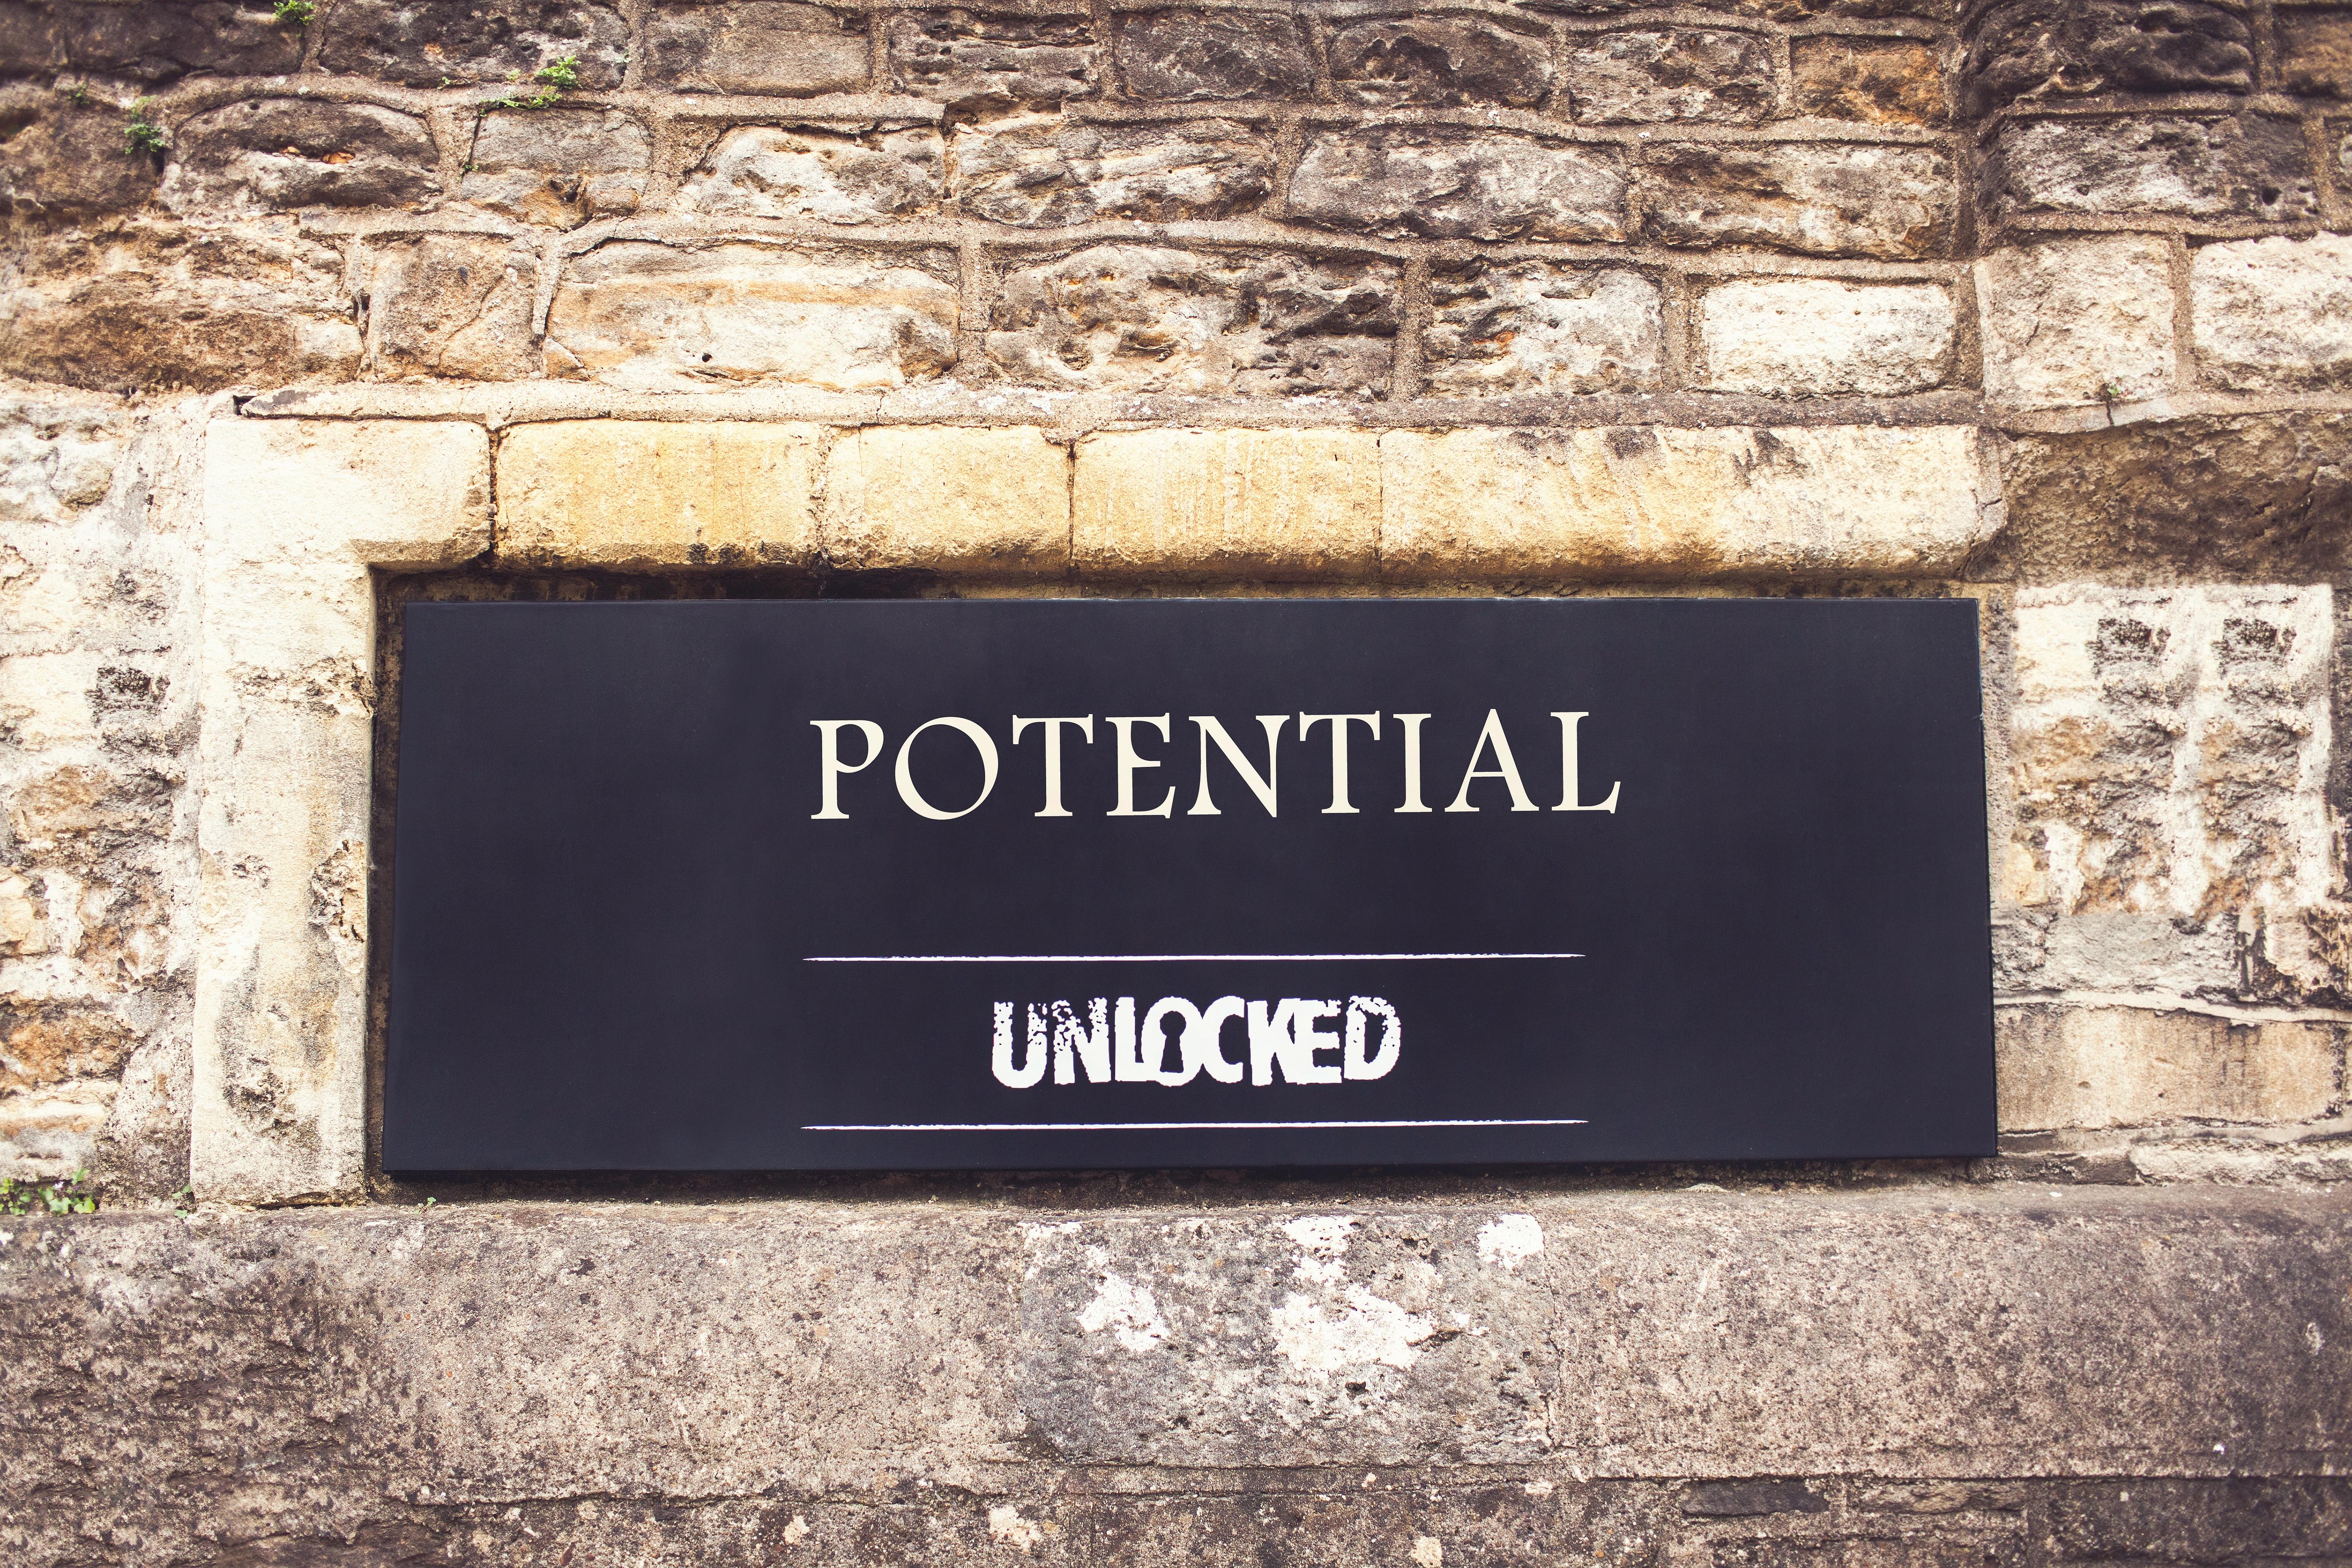 Potential unlocked